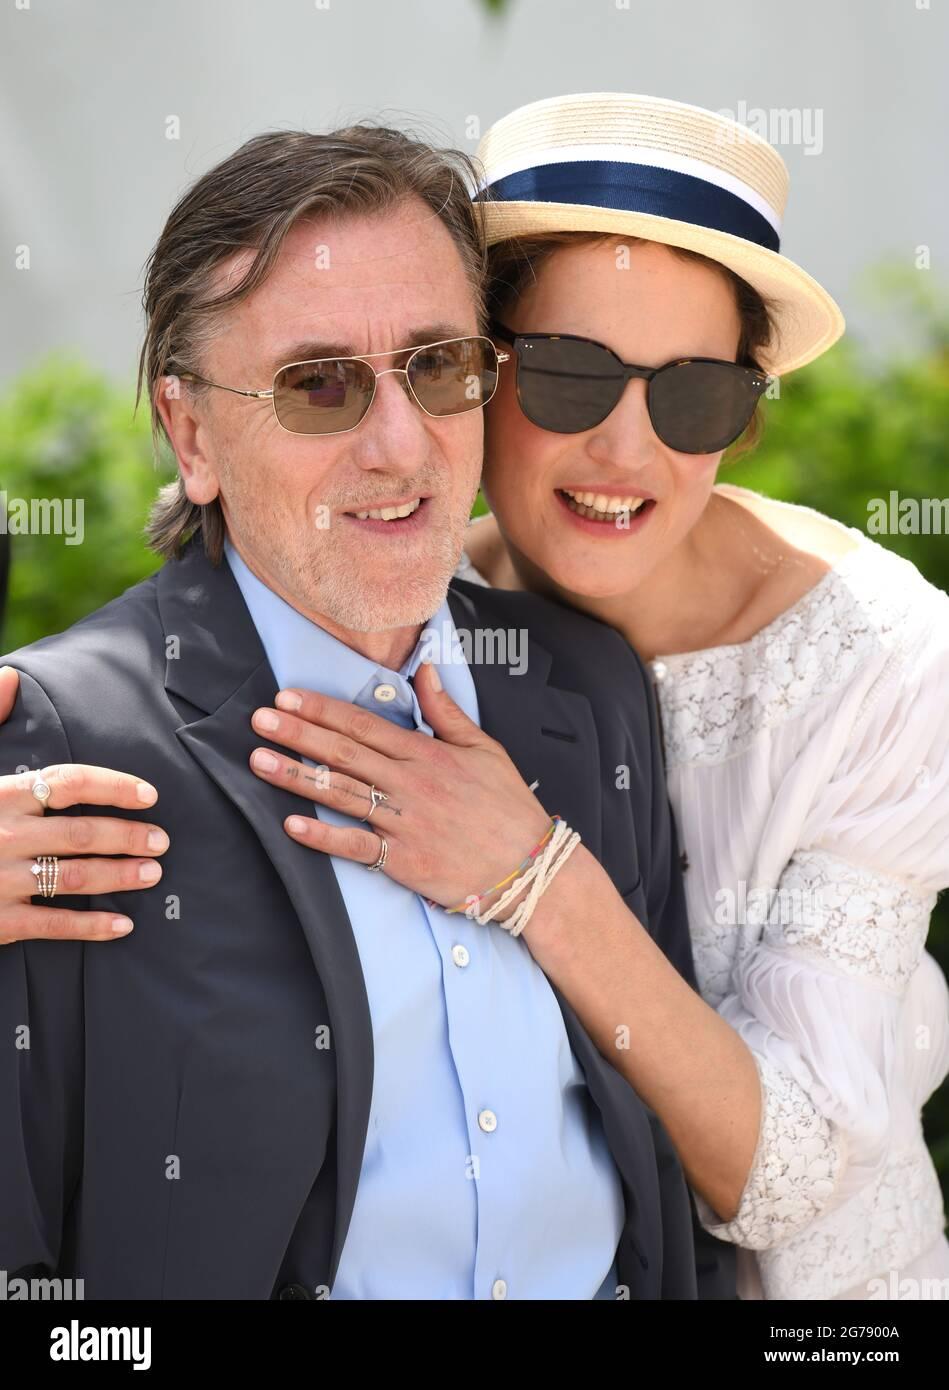 Cannes, Frankreich, 12. Juli 2021 Tim Roth und Vicky Krieps bei der Fotoschau für Bergman Island, die im Palais des Festivals stattfand. Teil der 74. Filmfestspiele von Cannes. Quelle: Doug Peters/EMPICS/Alamy Live News Stockfoto